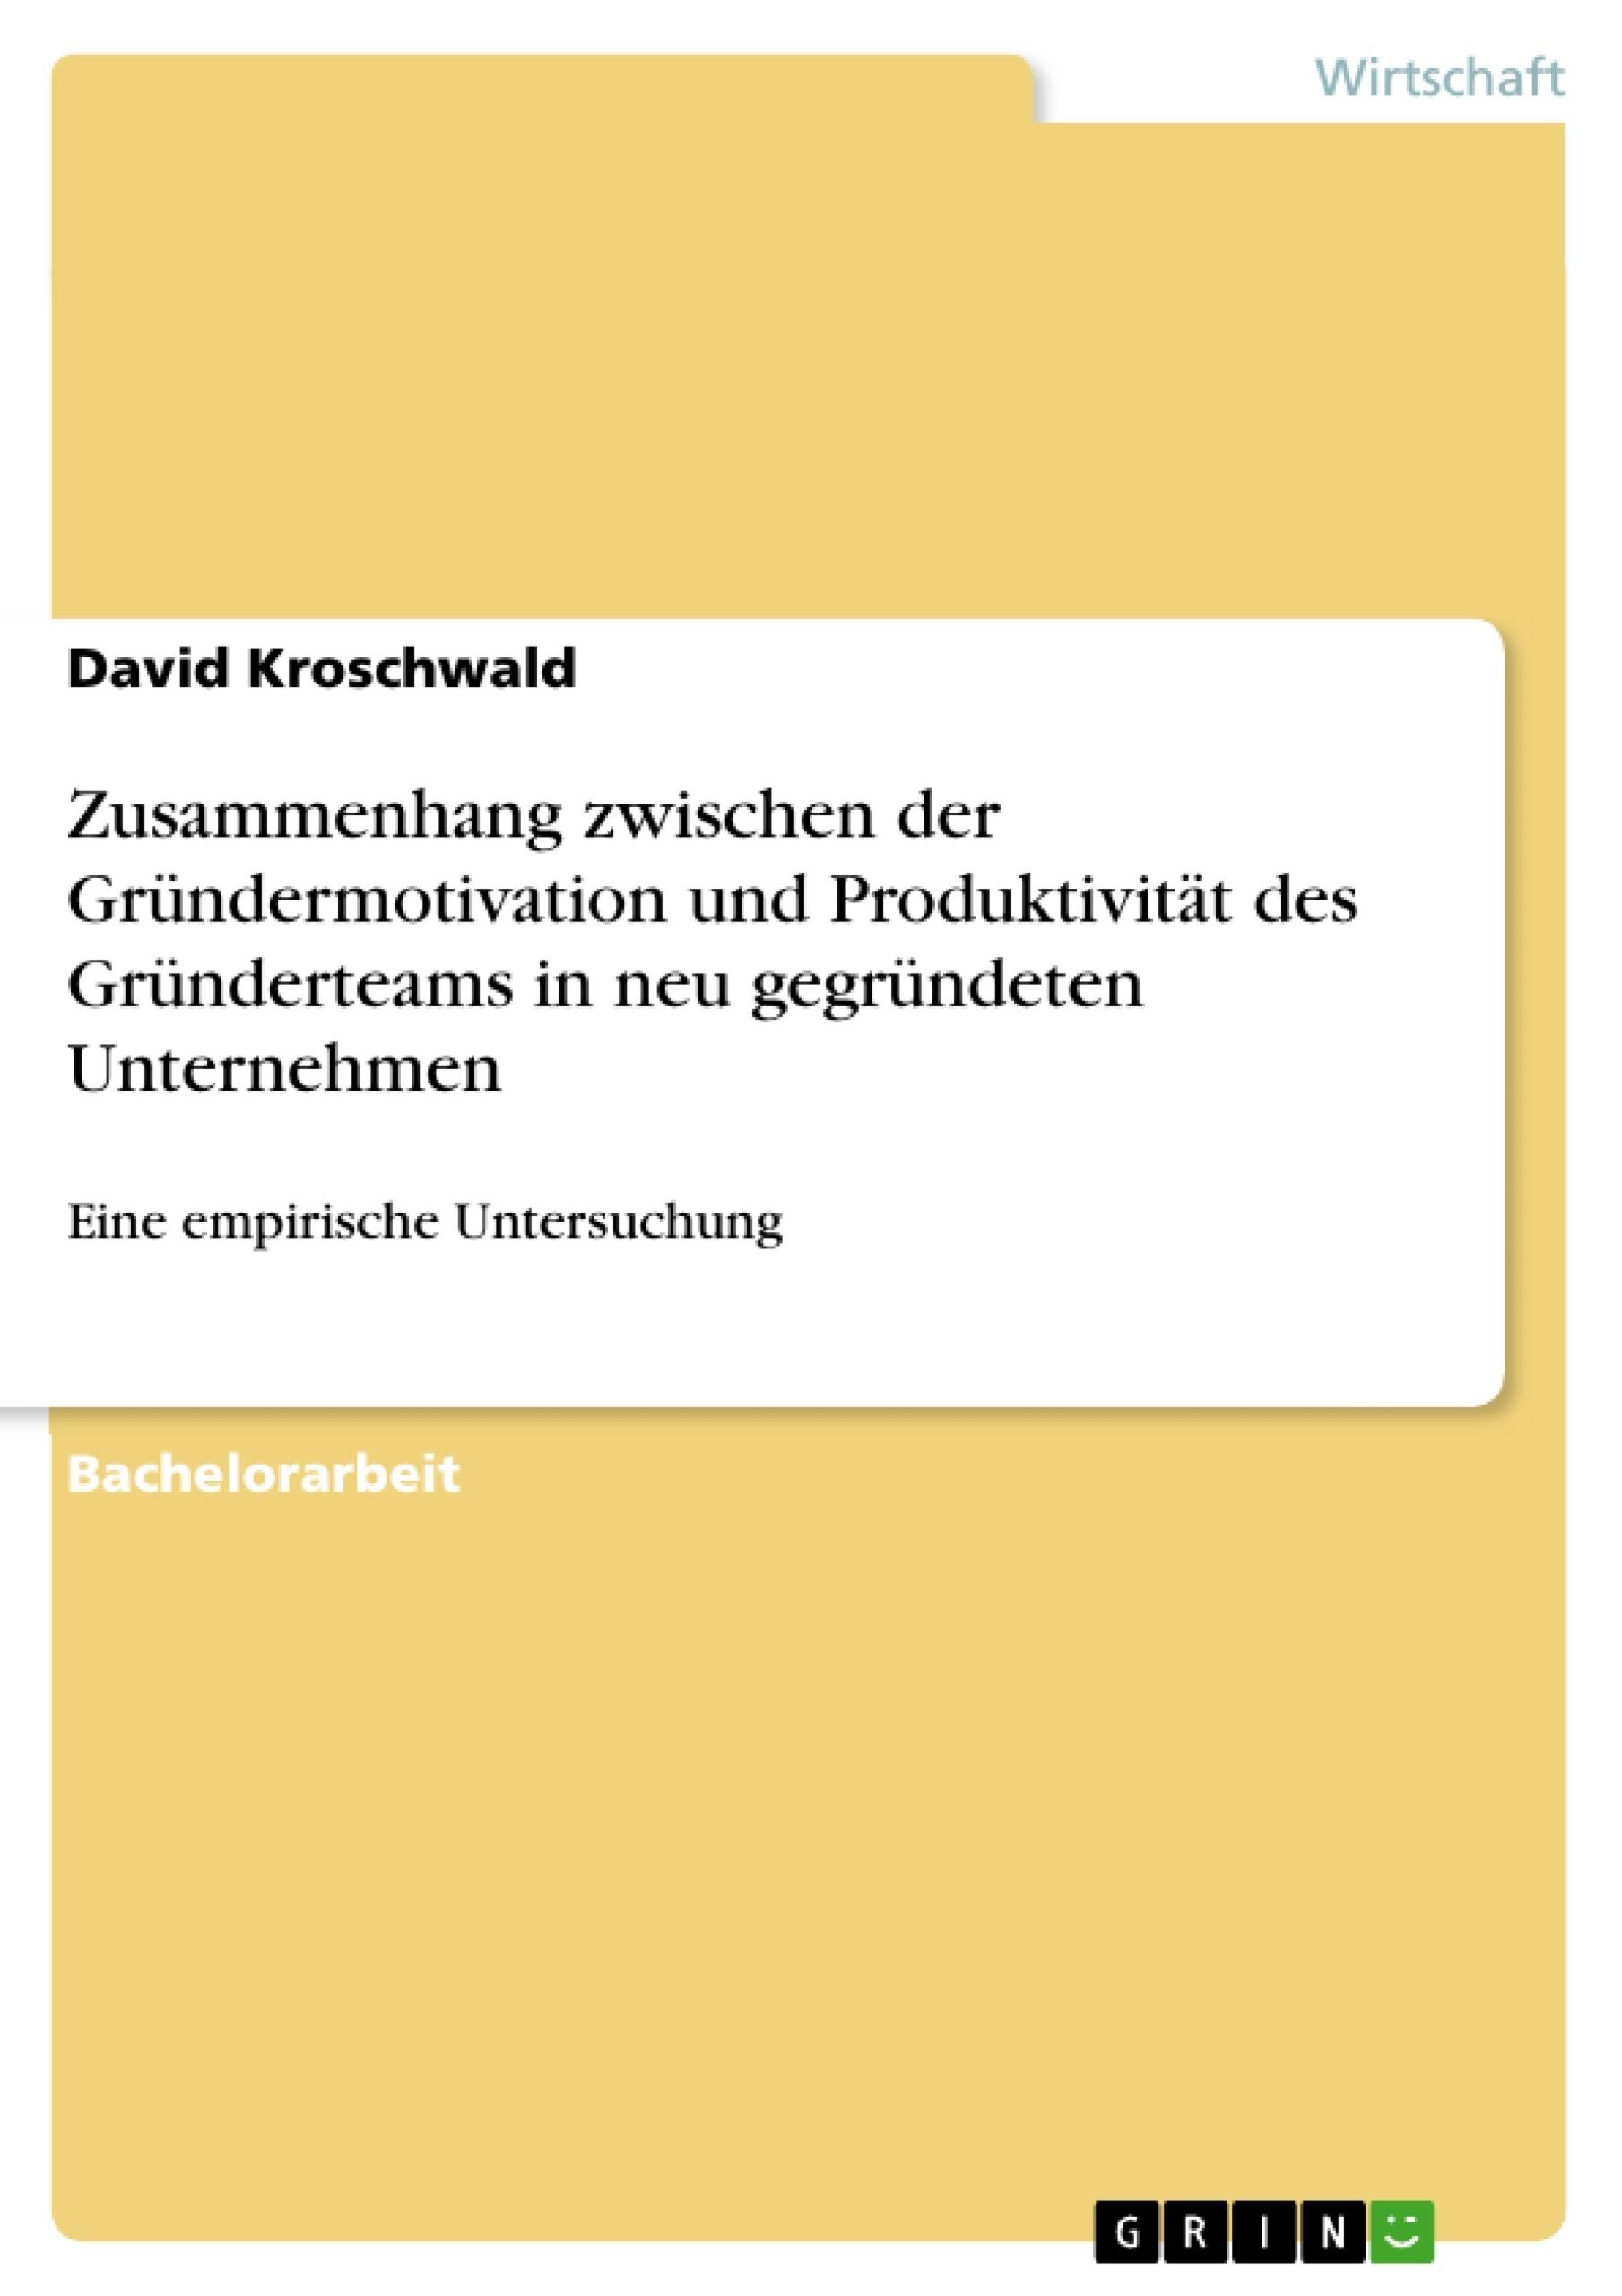 Titel: Zusammenhang zwischen der Gründermotivation und Produktivität des Gründerteams in neu gegründeten Unternehmen